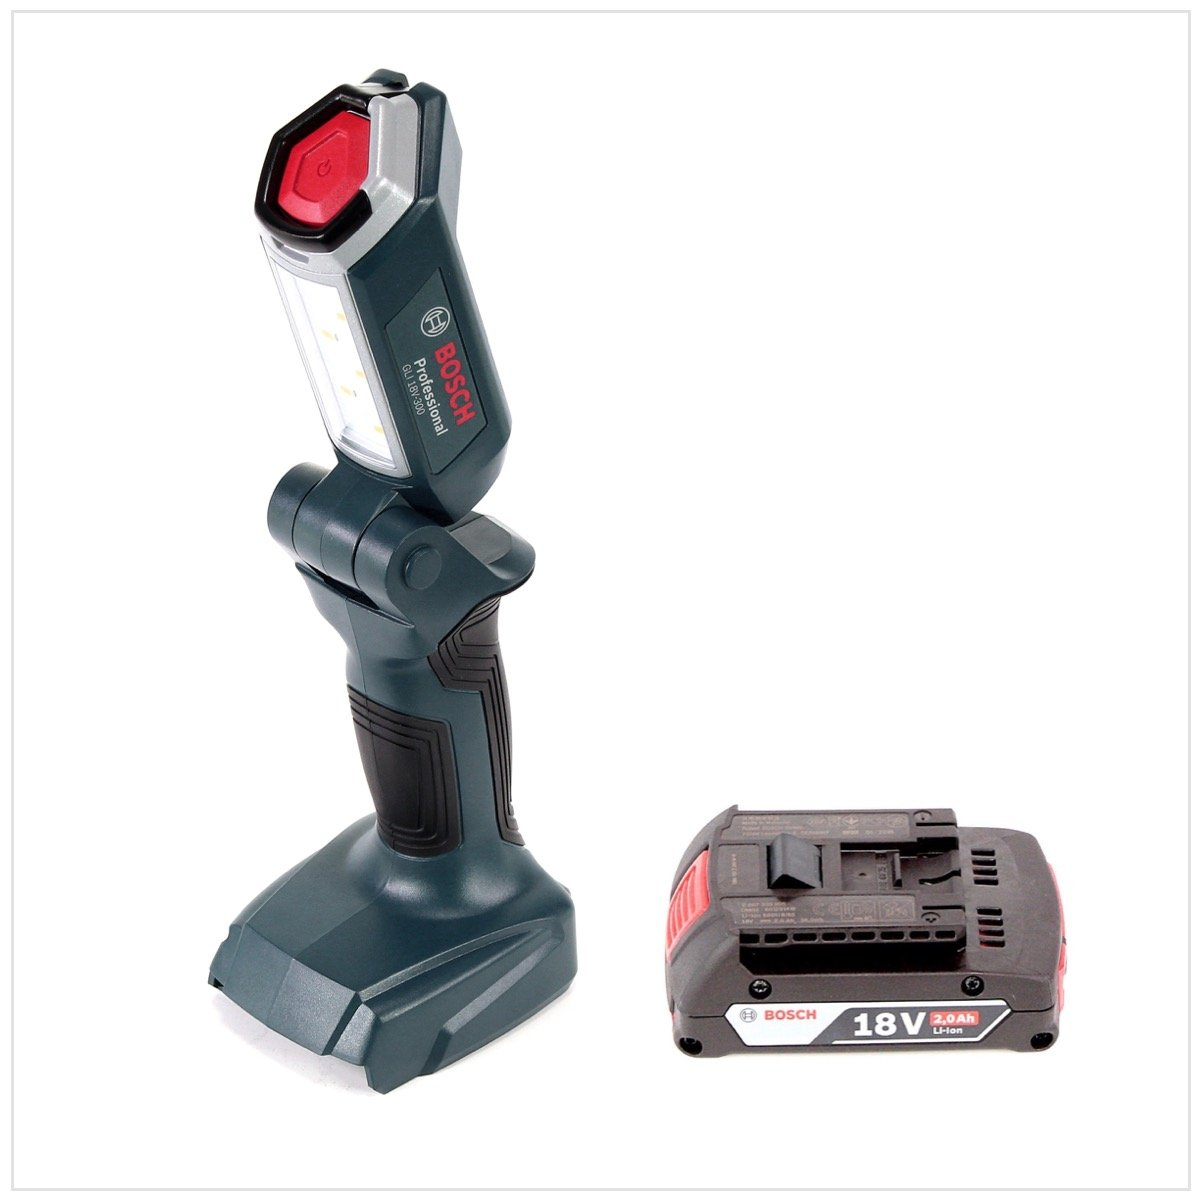 Bosch Batterie-Lampe Gli 18v-300 sans batterie! Lampe de travail lampe de travail 06014a1100